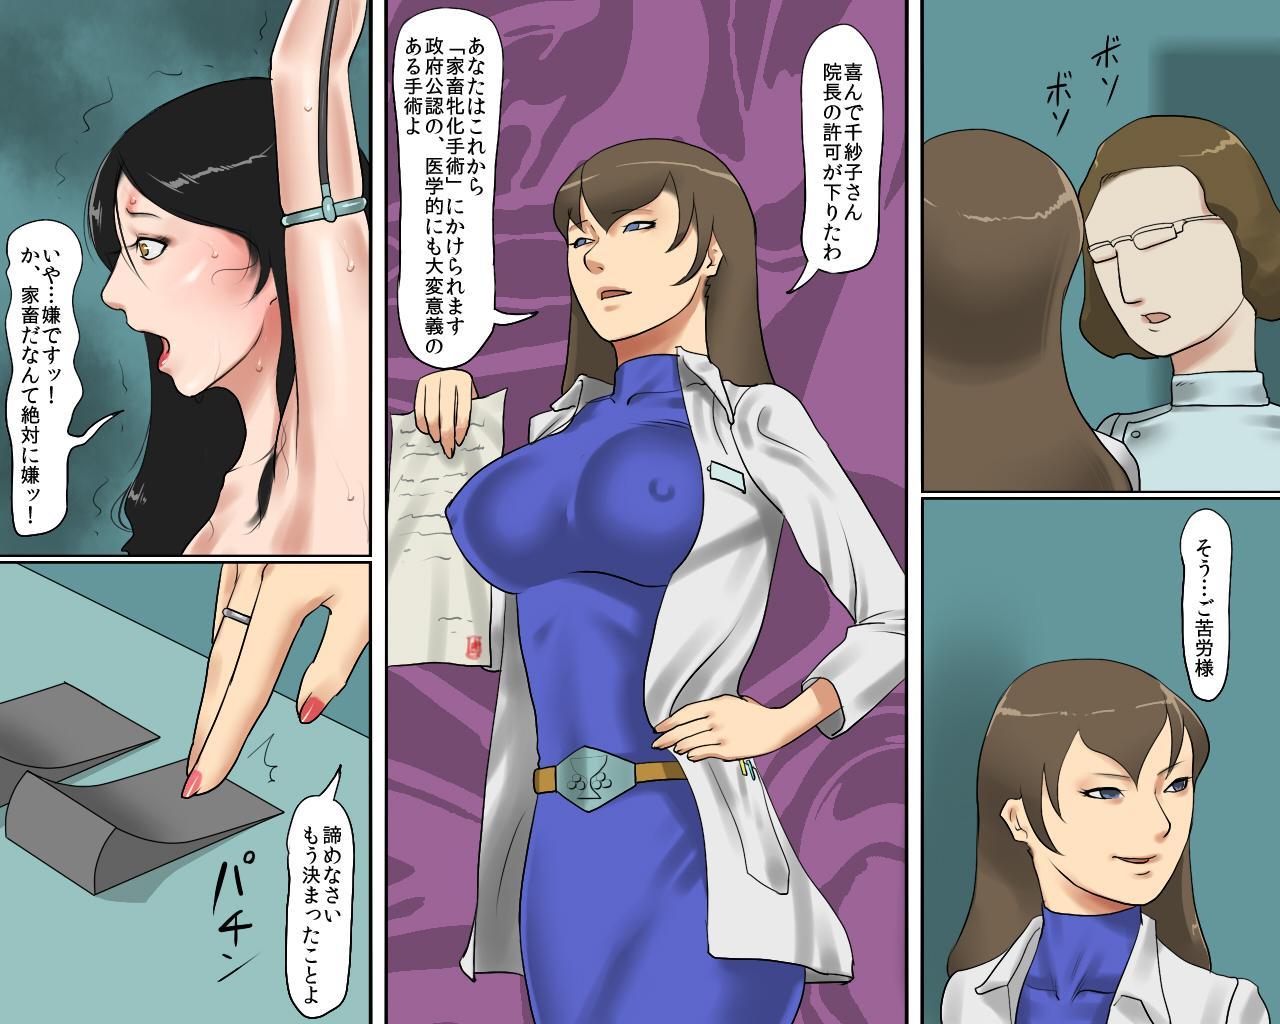 [Naya] Joshuu Fujin (Ge) Jikken Byoutou no Kachiku Mesu Fujin 4